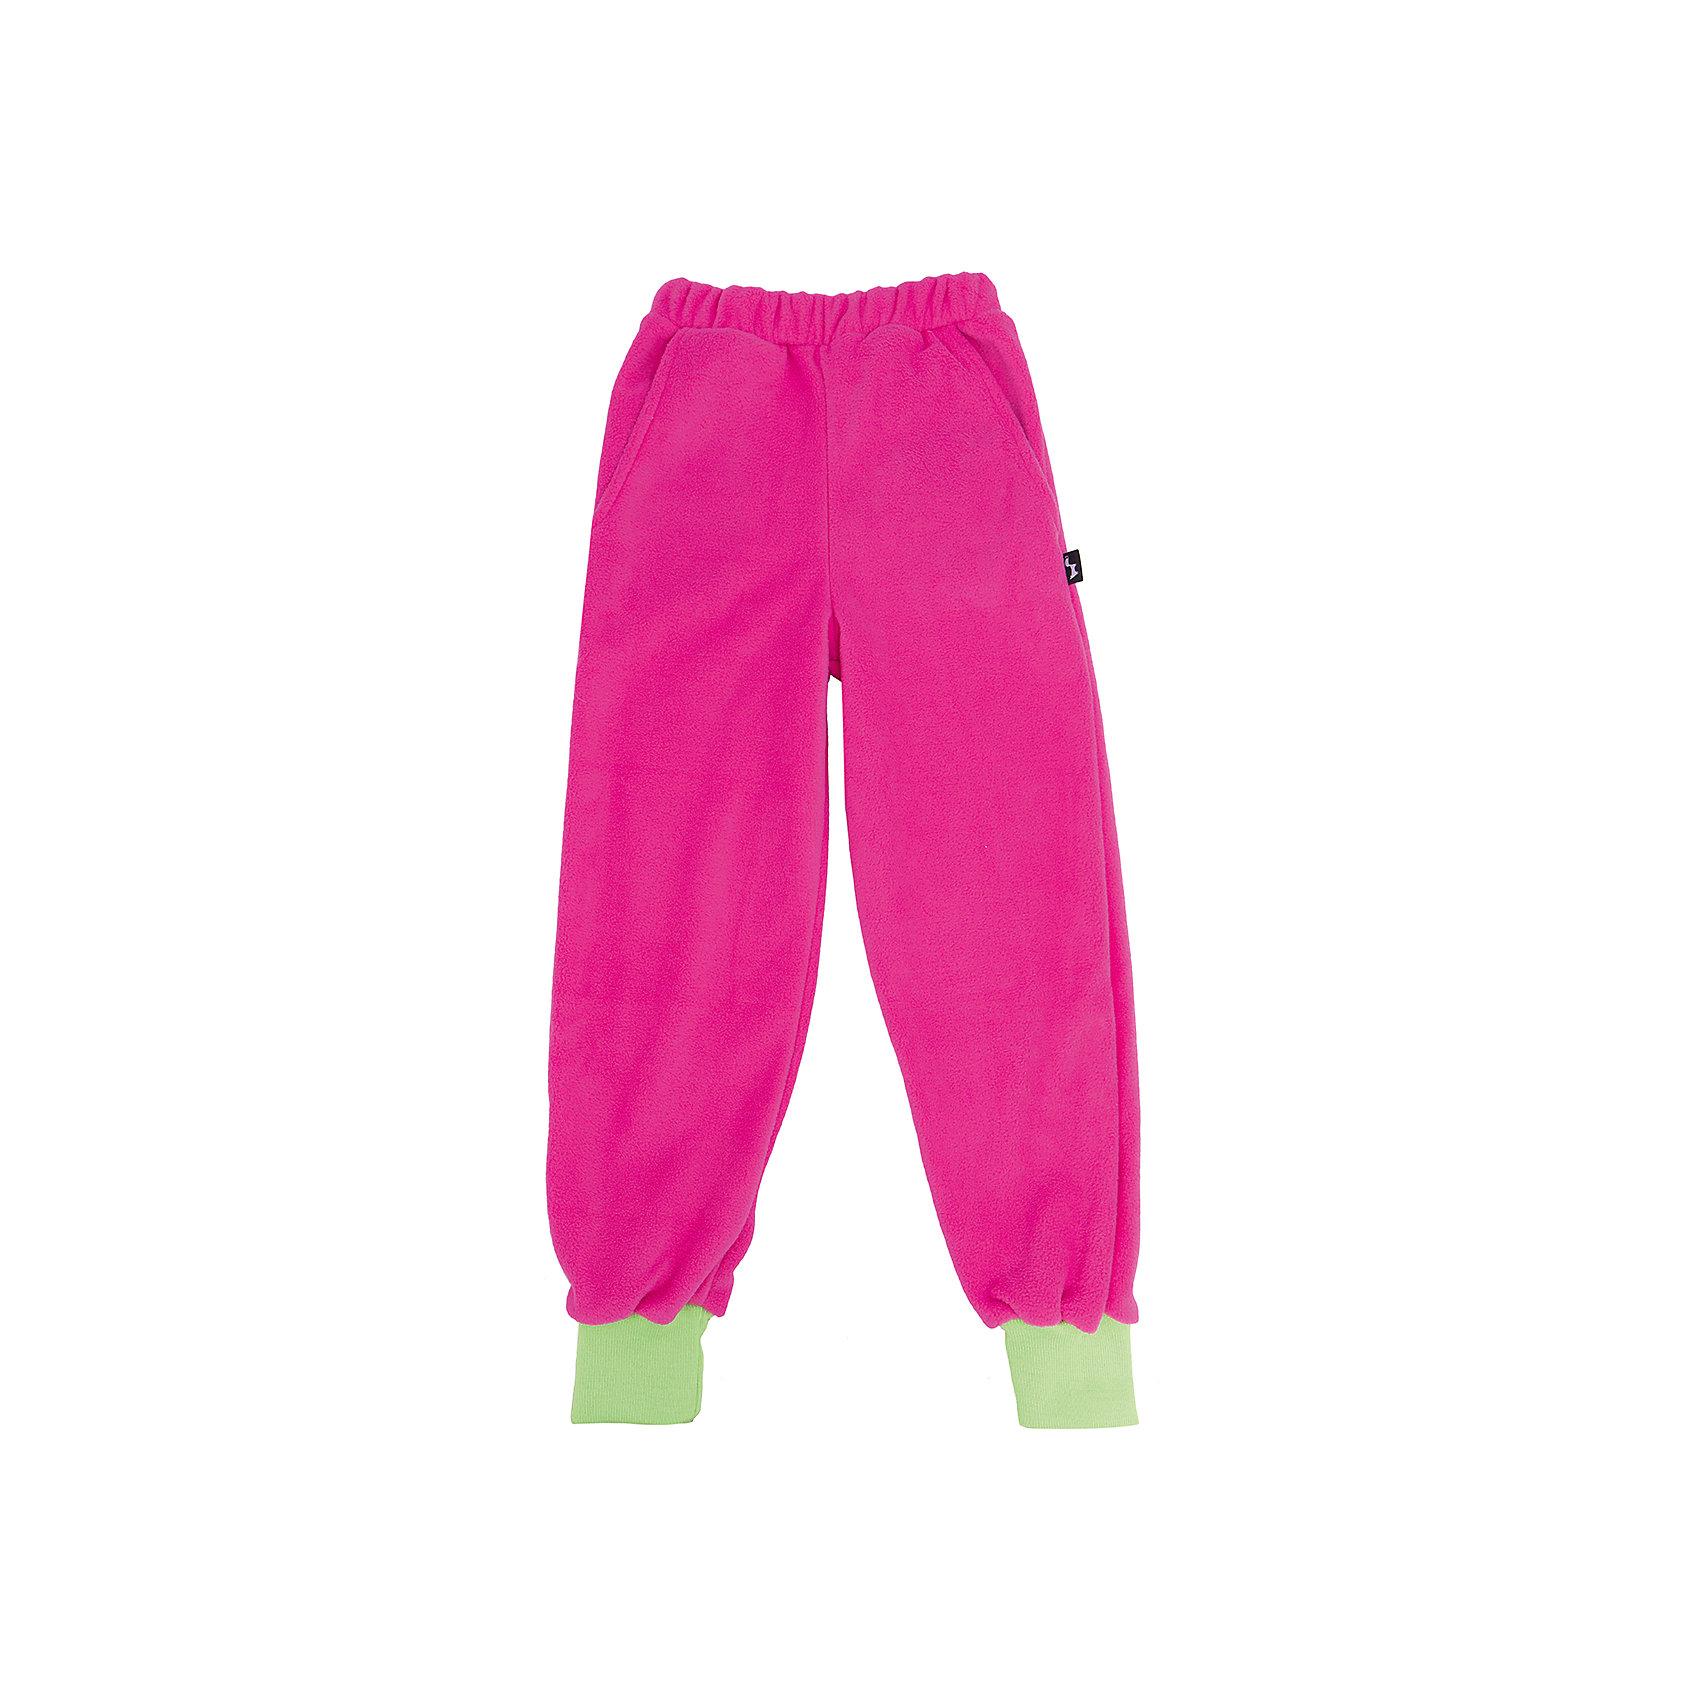 Штаны Чемпион для девочки ЛисФлисБрюки<br>Характеристики штанов для девочки: <br><br>- комплектация: штаны<br>- пол: для девочки<br>- цвет: розовый, фиолетовый<br>- тип карманов: накладные; прорезные<br>- вид застежки: без застежки; резинка<br>- крой брючин: прямой<br>- тип посадки: средняя посадка<br>- фактура материала: флис<br>- уход за вещами: предварительная стирка<br>- рисунок: без рисунка<br>- плотность: синтетического утеплителя<br>- утеплитель: без утепления<br>- назначение: повседневная<br>- характеристика пух/перо: fill power<br>- сезон: круглогодичный<br>- страна бренда: Россия<br>- страна производитель: Россия<br><br>Штаны Чемпион для девочек торговой марки ЛисФлис по достоинству оценены покупателями благодаря своему высокому качеству и невысокой цене. Штаны выполнены из плотного флиса (280 г.) с манжетами на штанинах и резинкой сверху. Будут незаменимы в холодную погоду как поддева под комбинезон или комплект, или как самостоятельный вариант в более теплое время года.<br><br>Штаны для девочки торговой марки ЛисФлис  можно купить в нашем интернет-магазине.<br><br>Ширина мм: 215<br>Глубина мм: 88<br>Высота мм: 191<br>Вес г: 336<br>Цвет: зеленый/розовый<br>Возраст от месяцев: 12<br>Возраст до месяцев: 15<br>Пол: Женский<br>Возраст: Детский<br>Размер: 80,146,86,92,98,104,110,116,122,128,134,140<br>SKU: 4938992